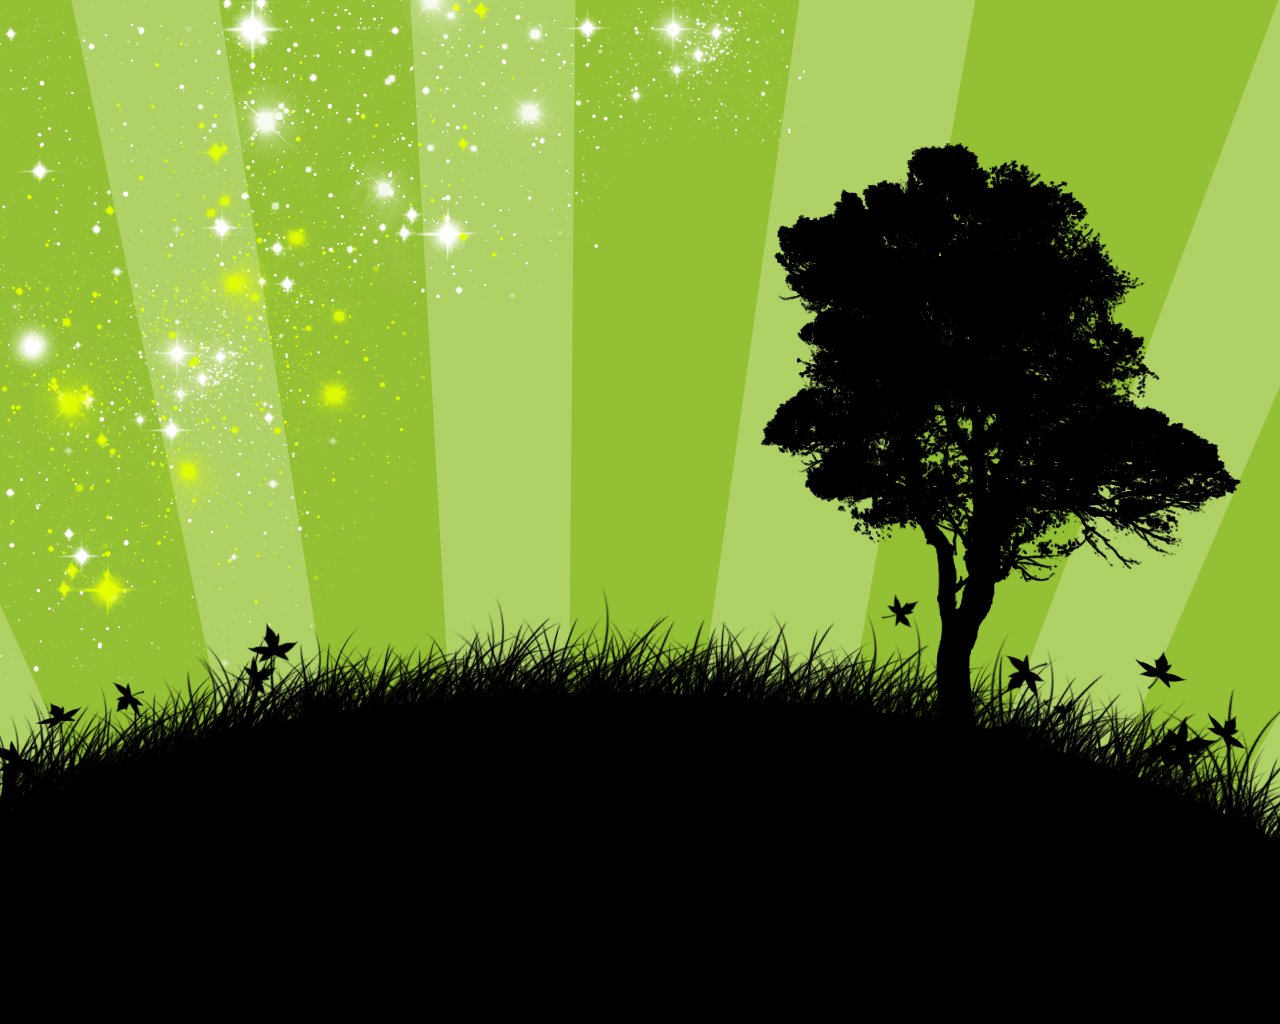 green wallpapers widescreen green nature wallpaper green wallpaper 1280x1024